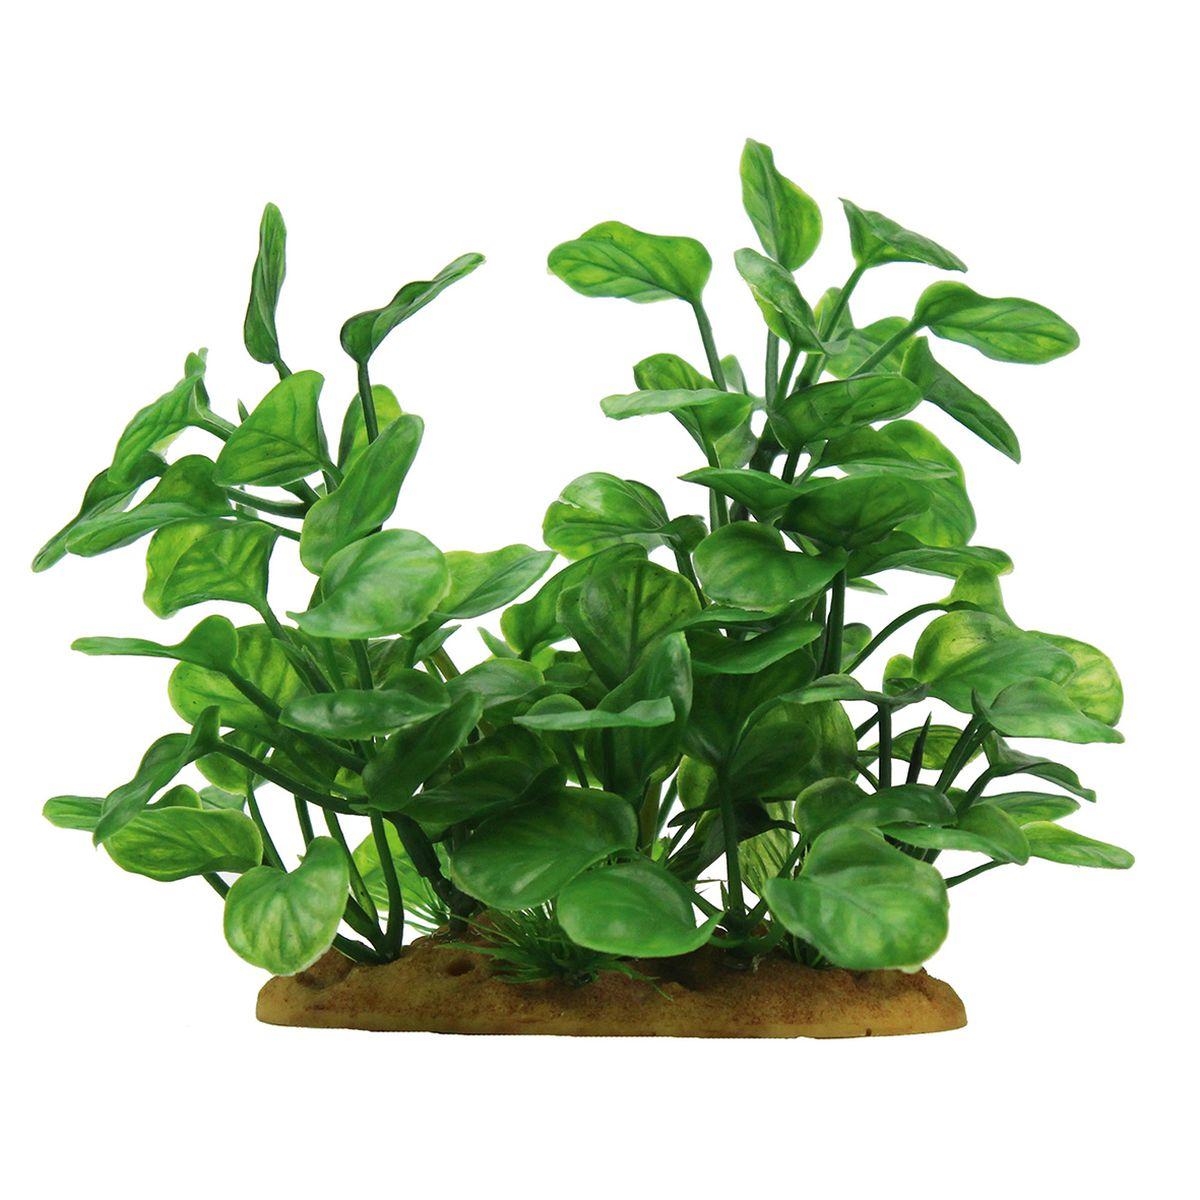 Растение для аквариума ArtUniq Анубиас, высота 15 смART-1160106Растение для аквариума ArtUniq Анубиас, высота 15 см